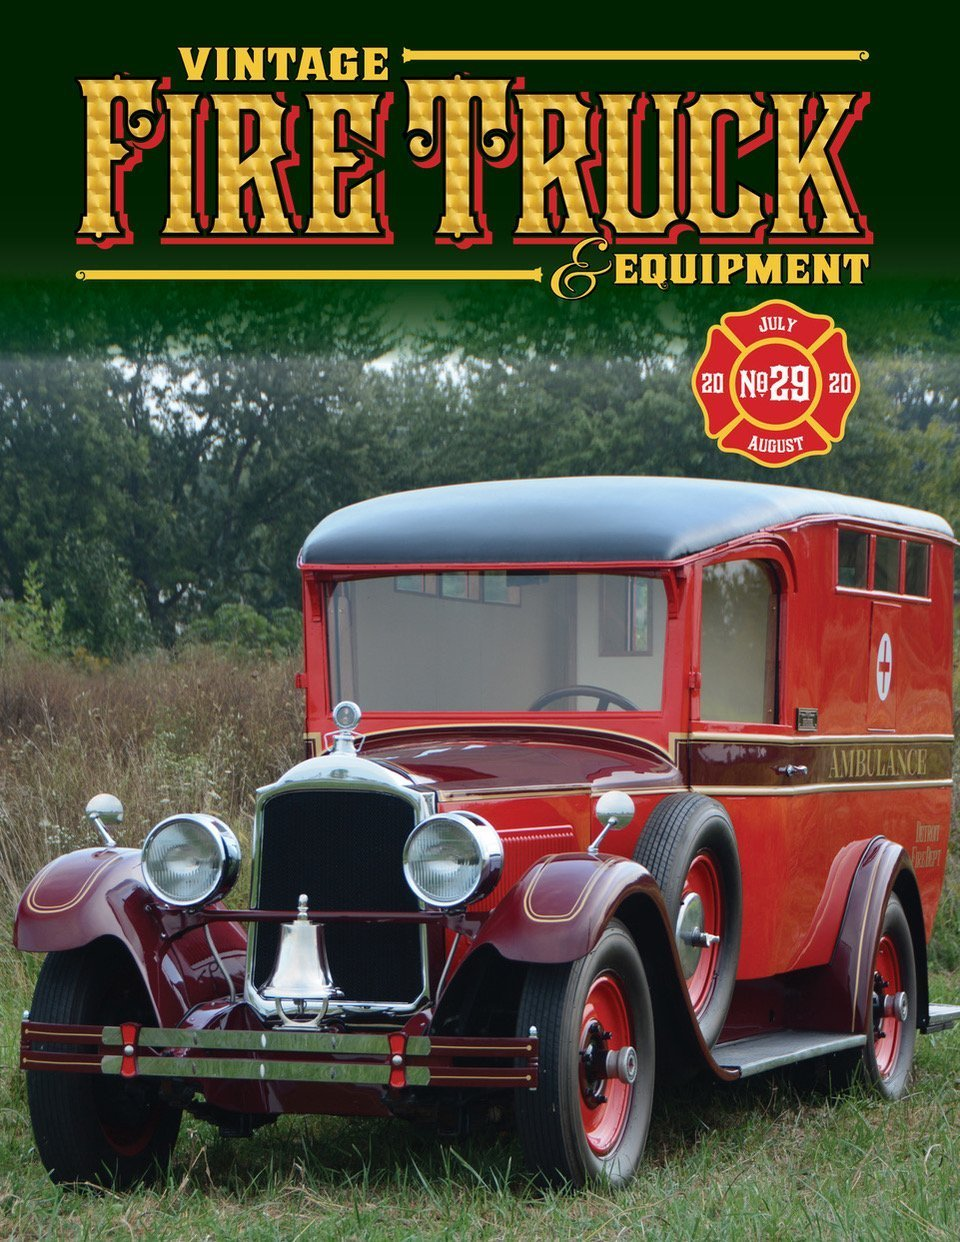 Vintage Fire Truck Magazine Issue 29